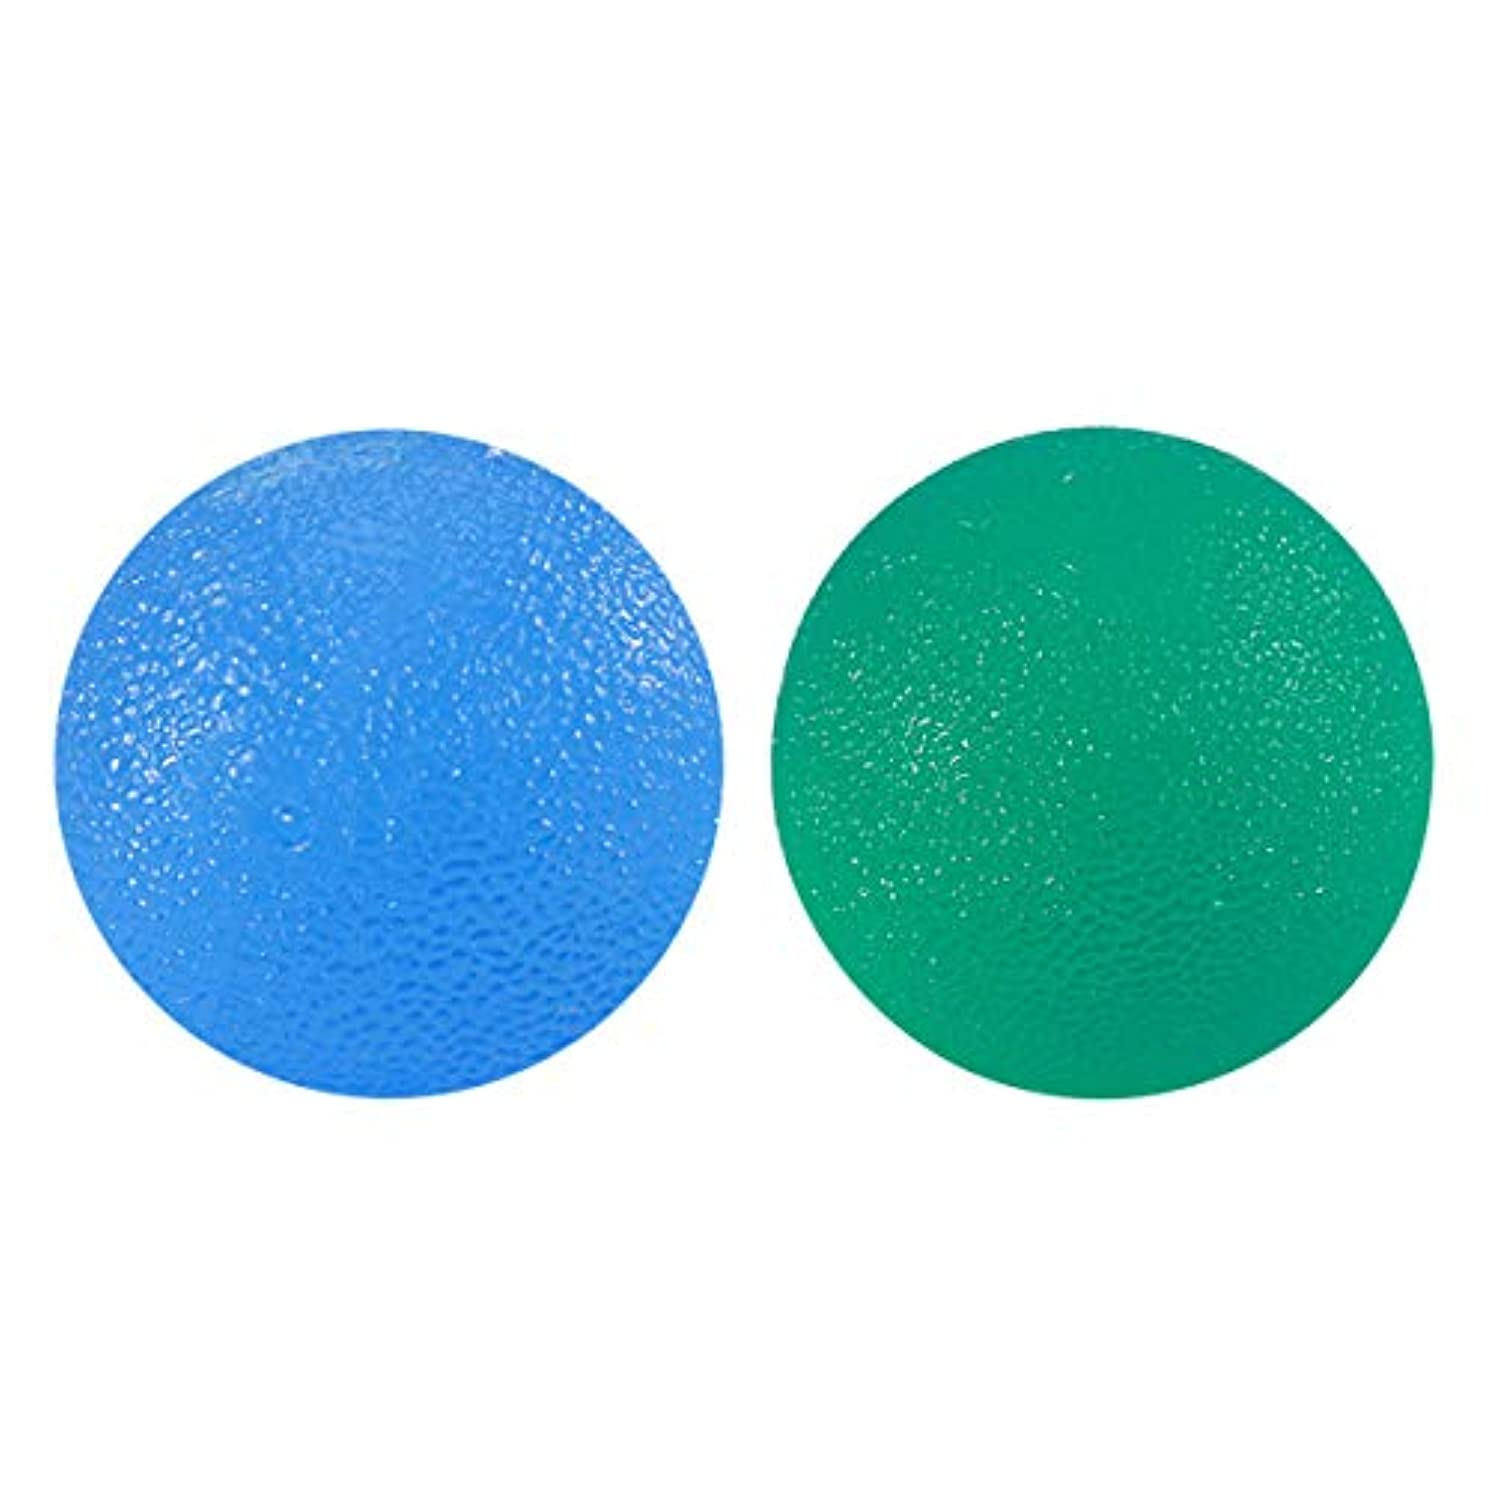 鎖雑多な揺れるHEALIFTY 2本の中国の健康運動マッサージボールのストレスは、手の運動(緑と青)